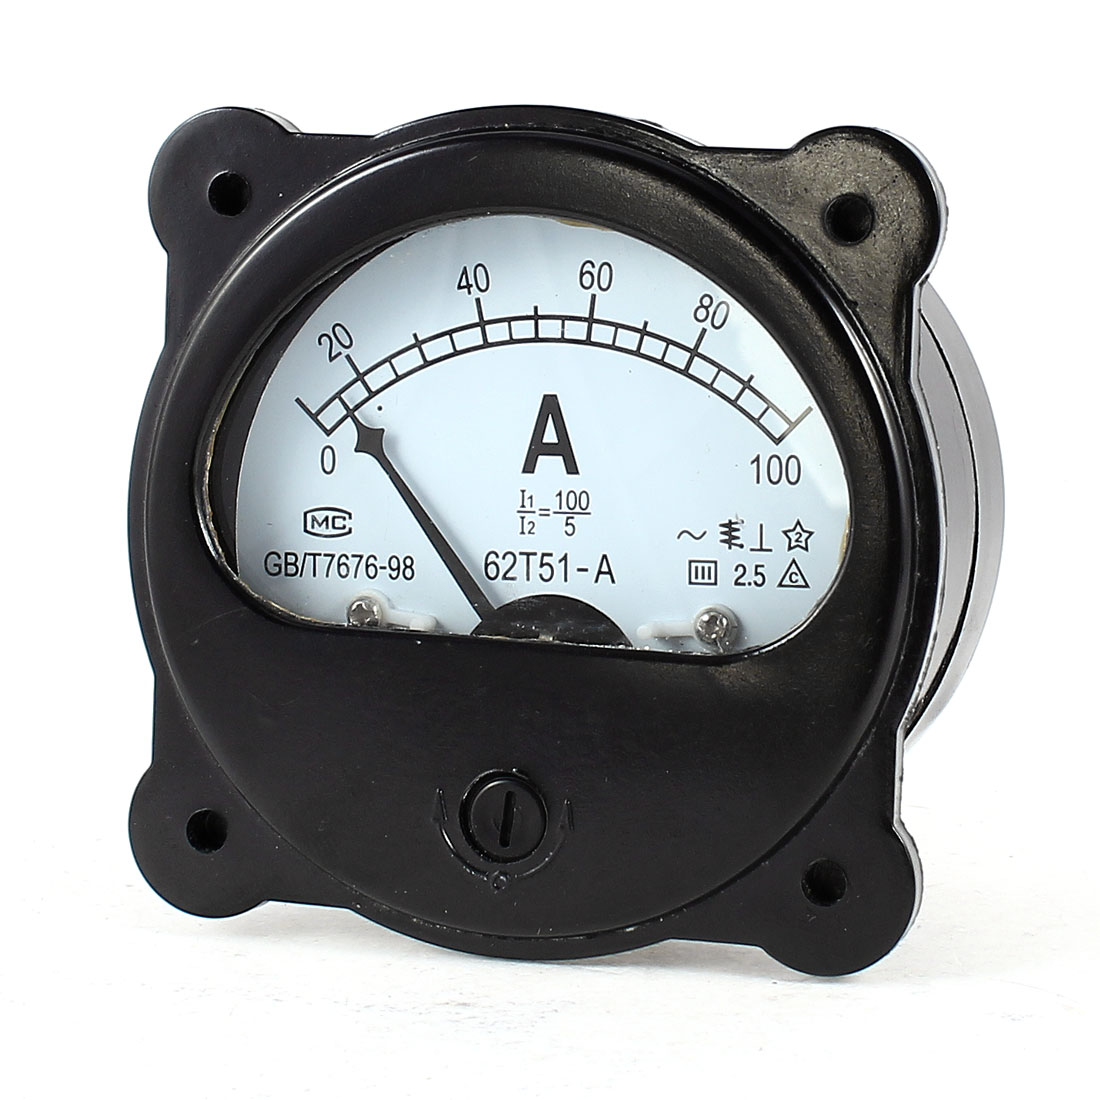 Black Analog Vertical Panel Ampere Meter Gauge Amperemeter AC 0-100A